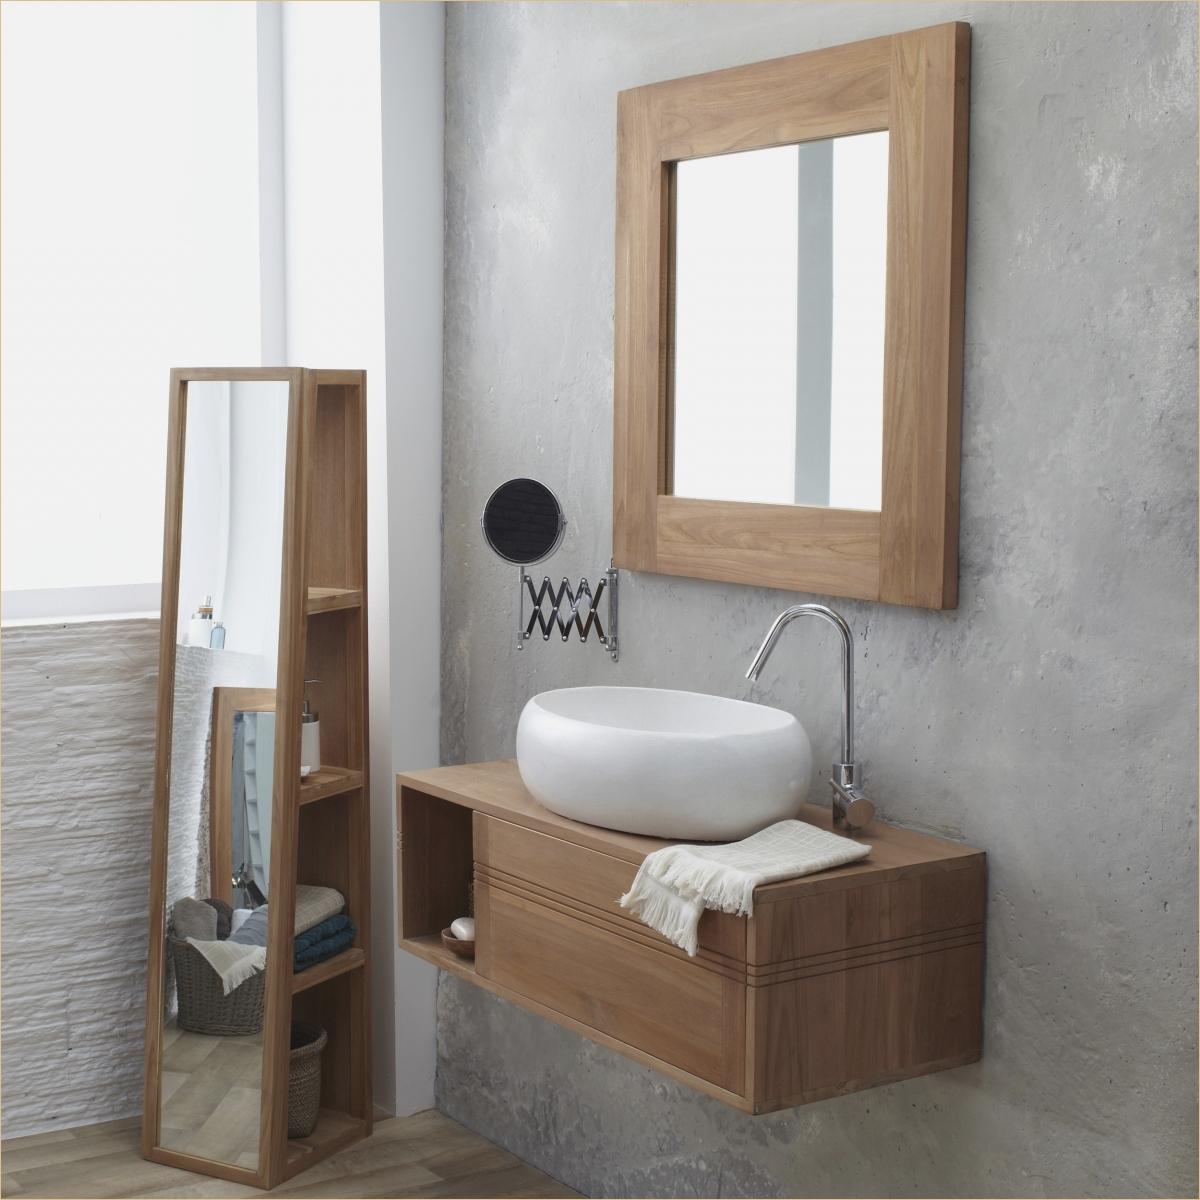 Meuble Wc Brico Dépot Unique Stock Fantastiqué Meuble Miroir Salle De Bain